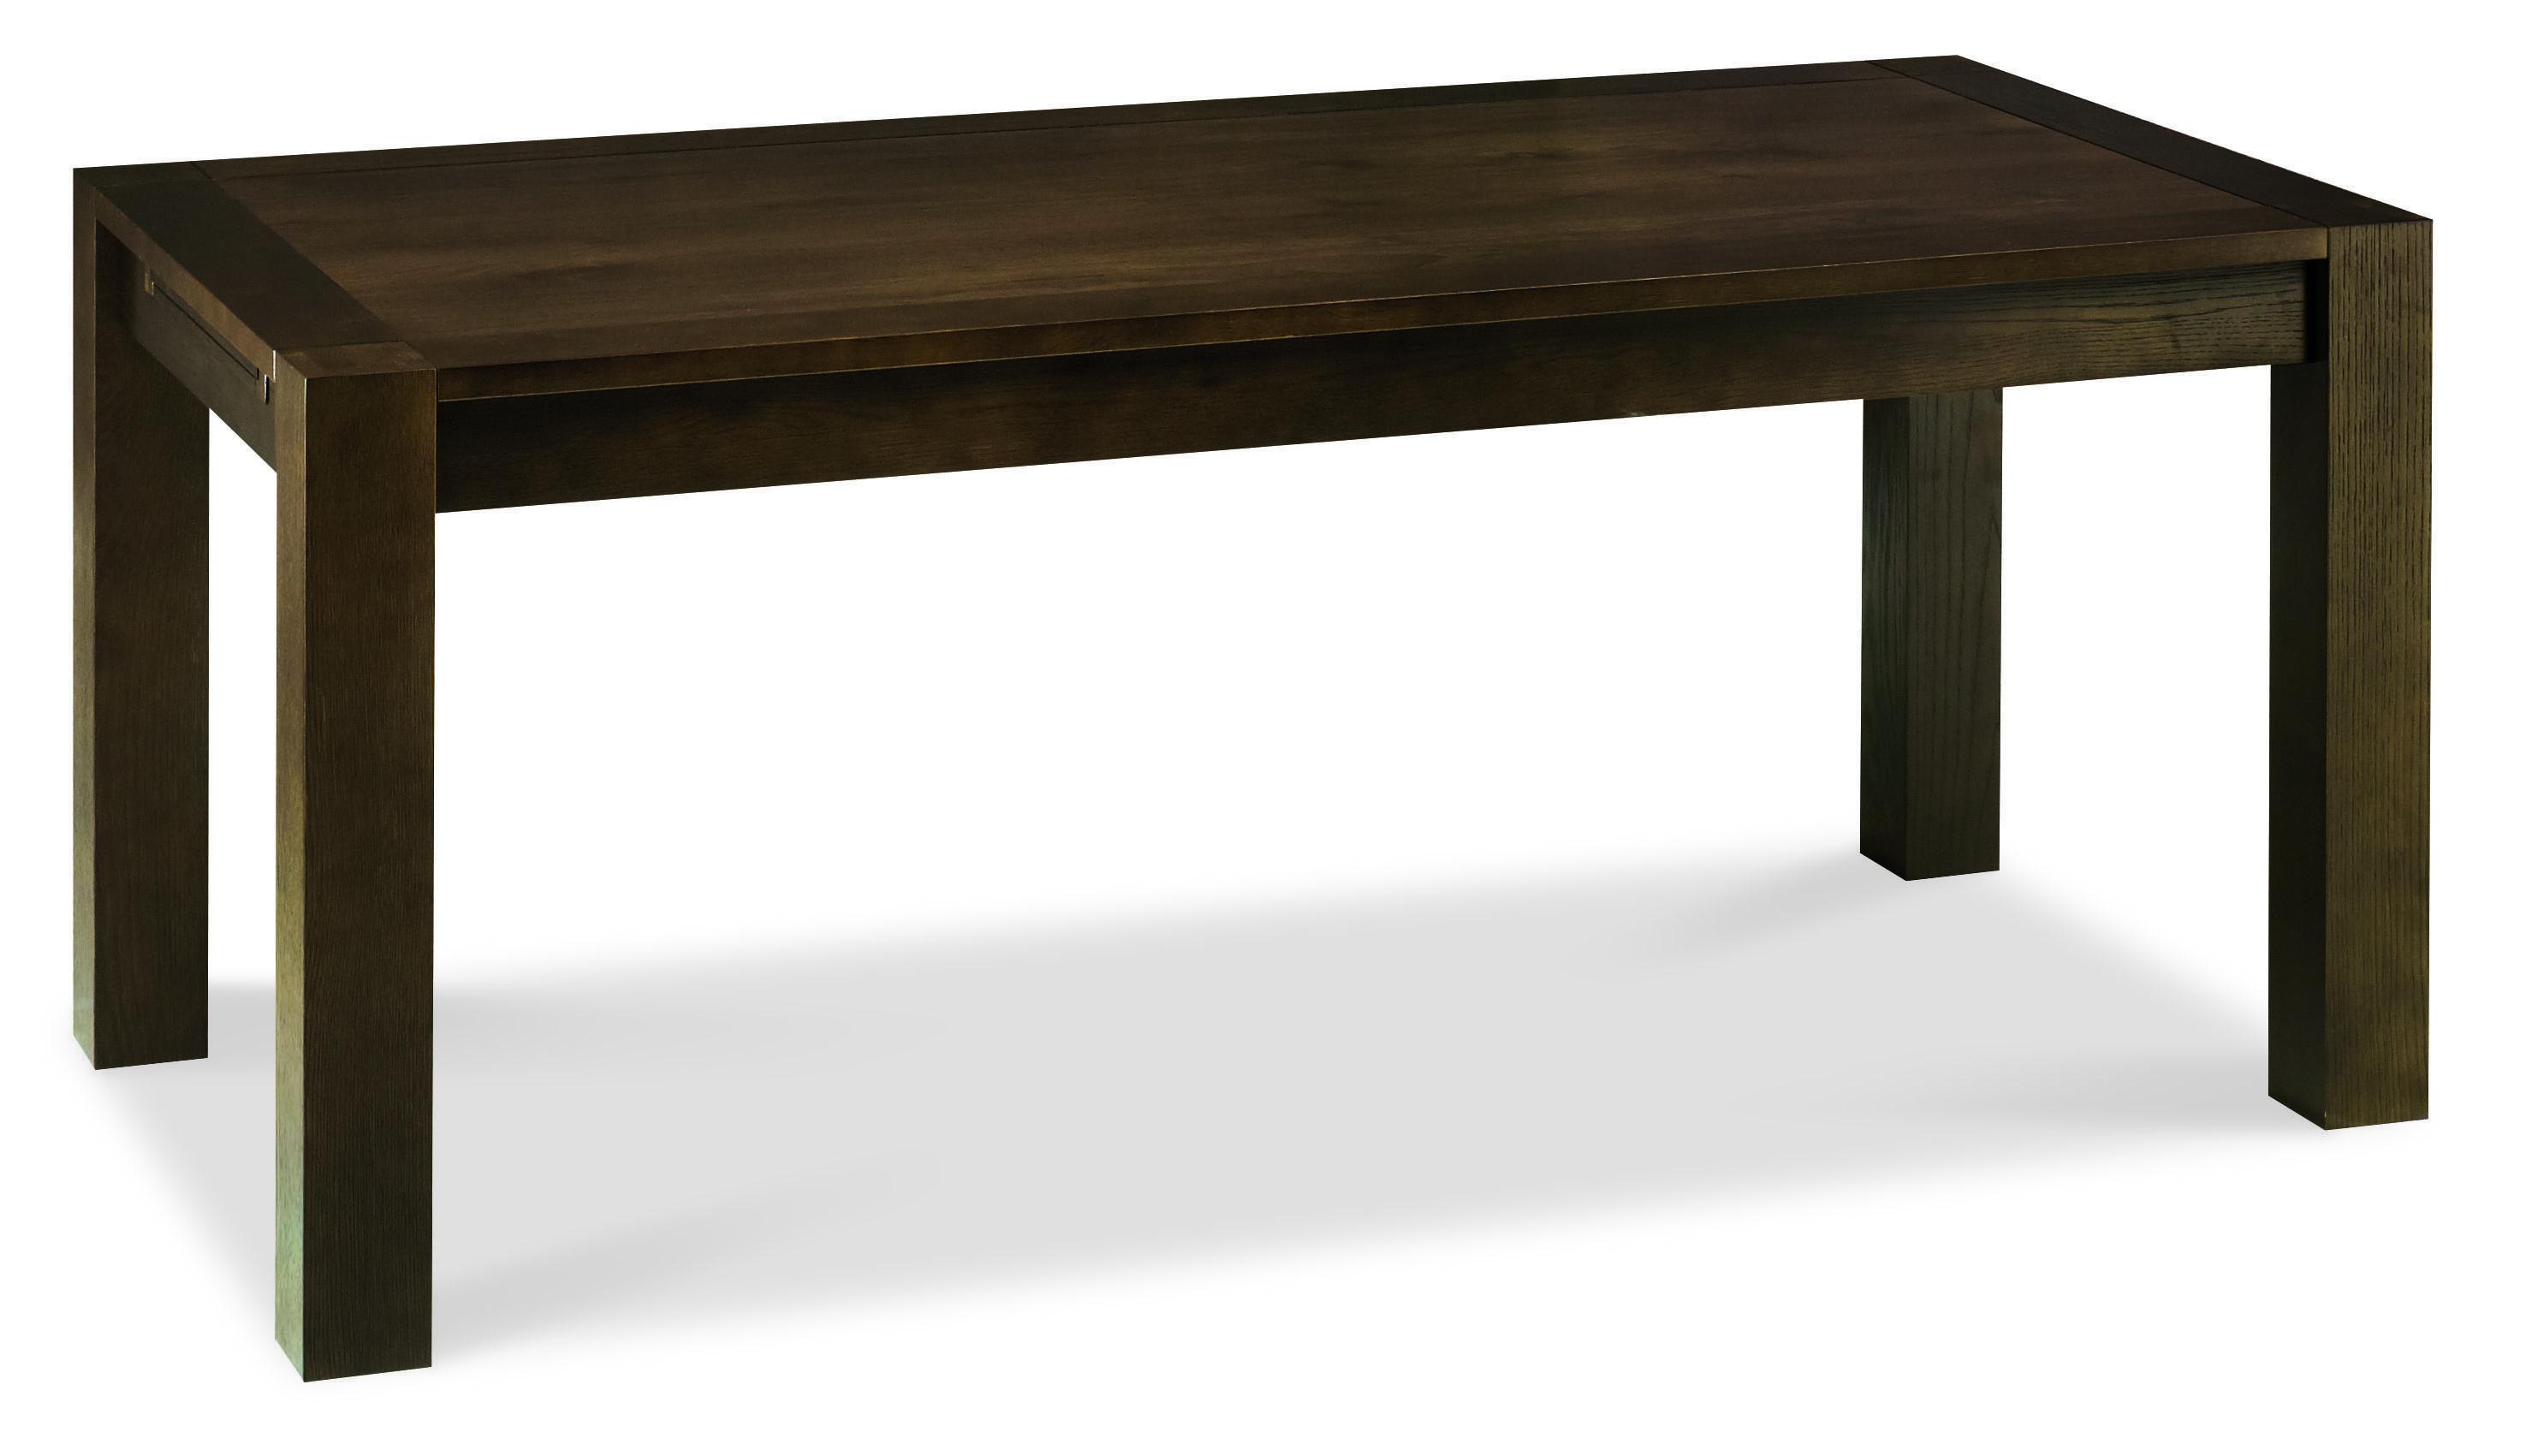 Lyon Walnut Extending Dining Table 180 260cm Oak